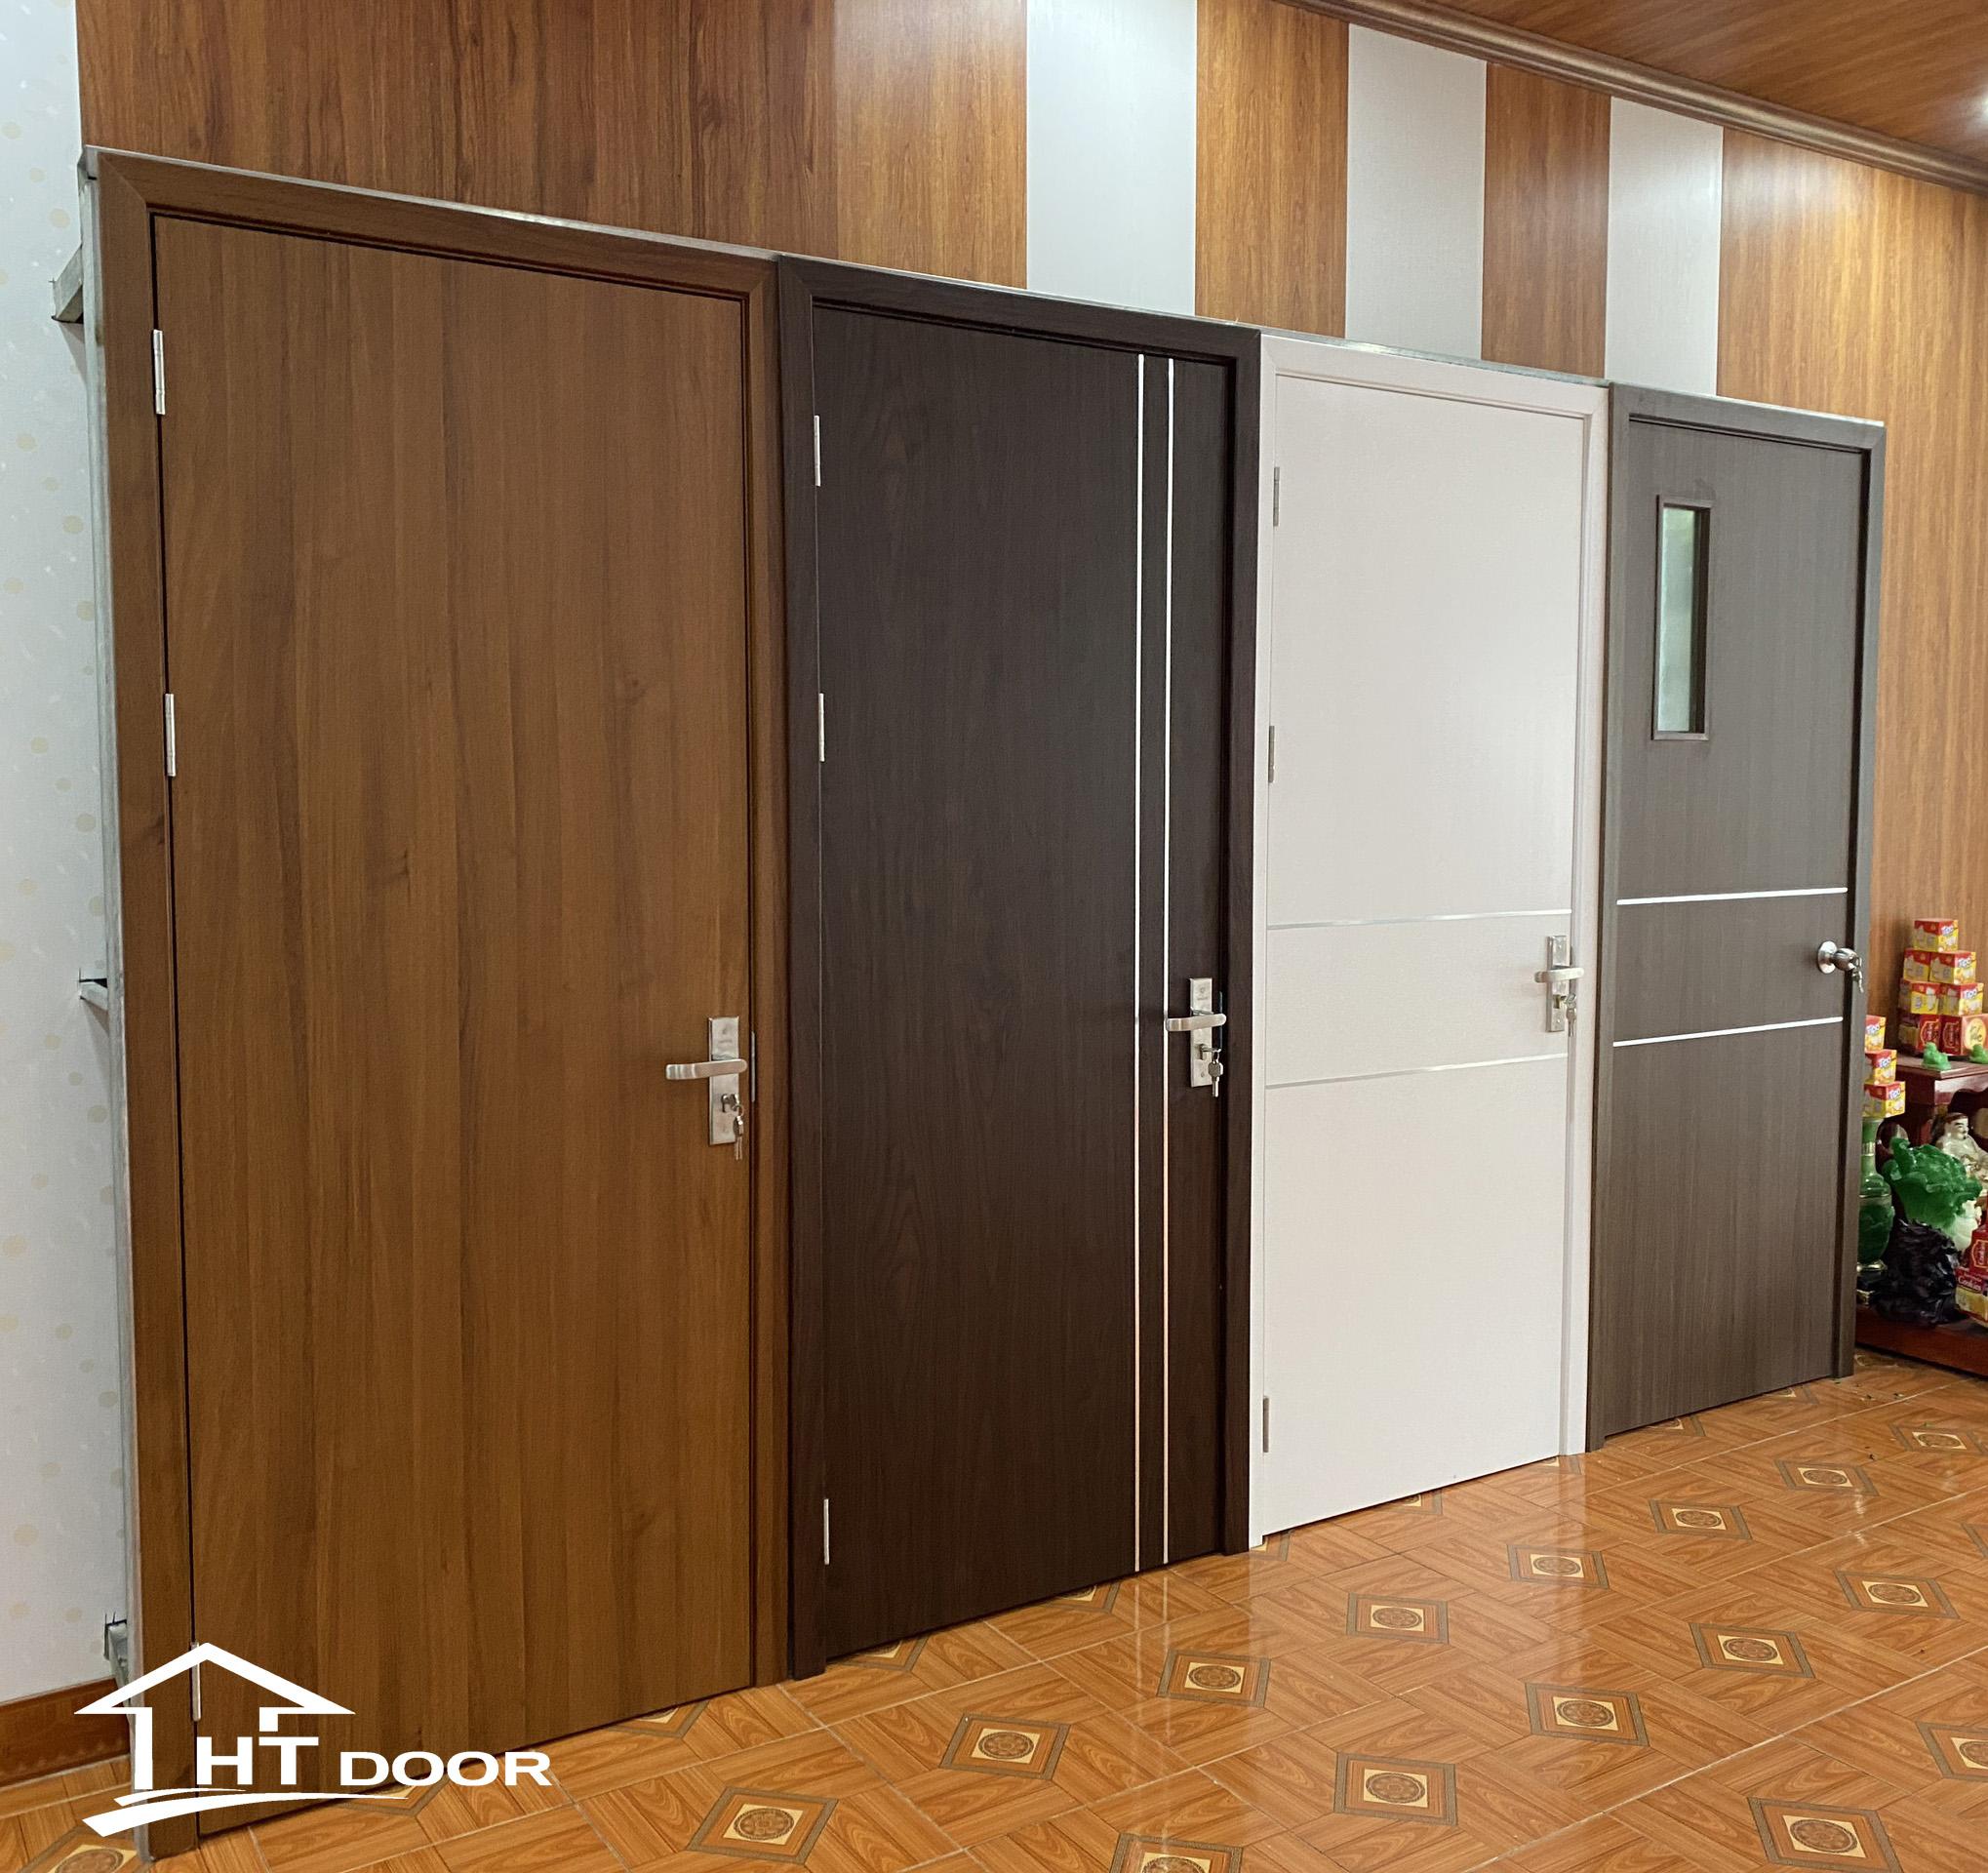 Hình ảnh showroom cửa composite Móng Cái - Quảng Ninh